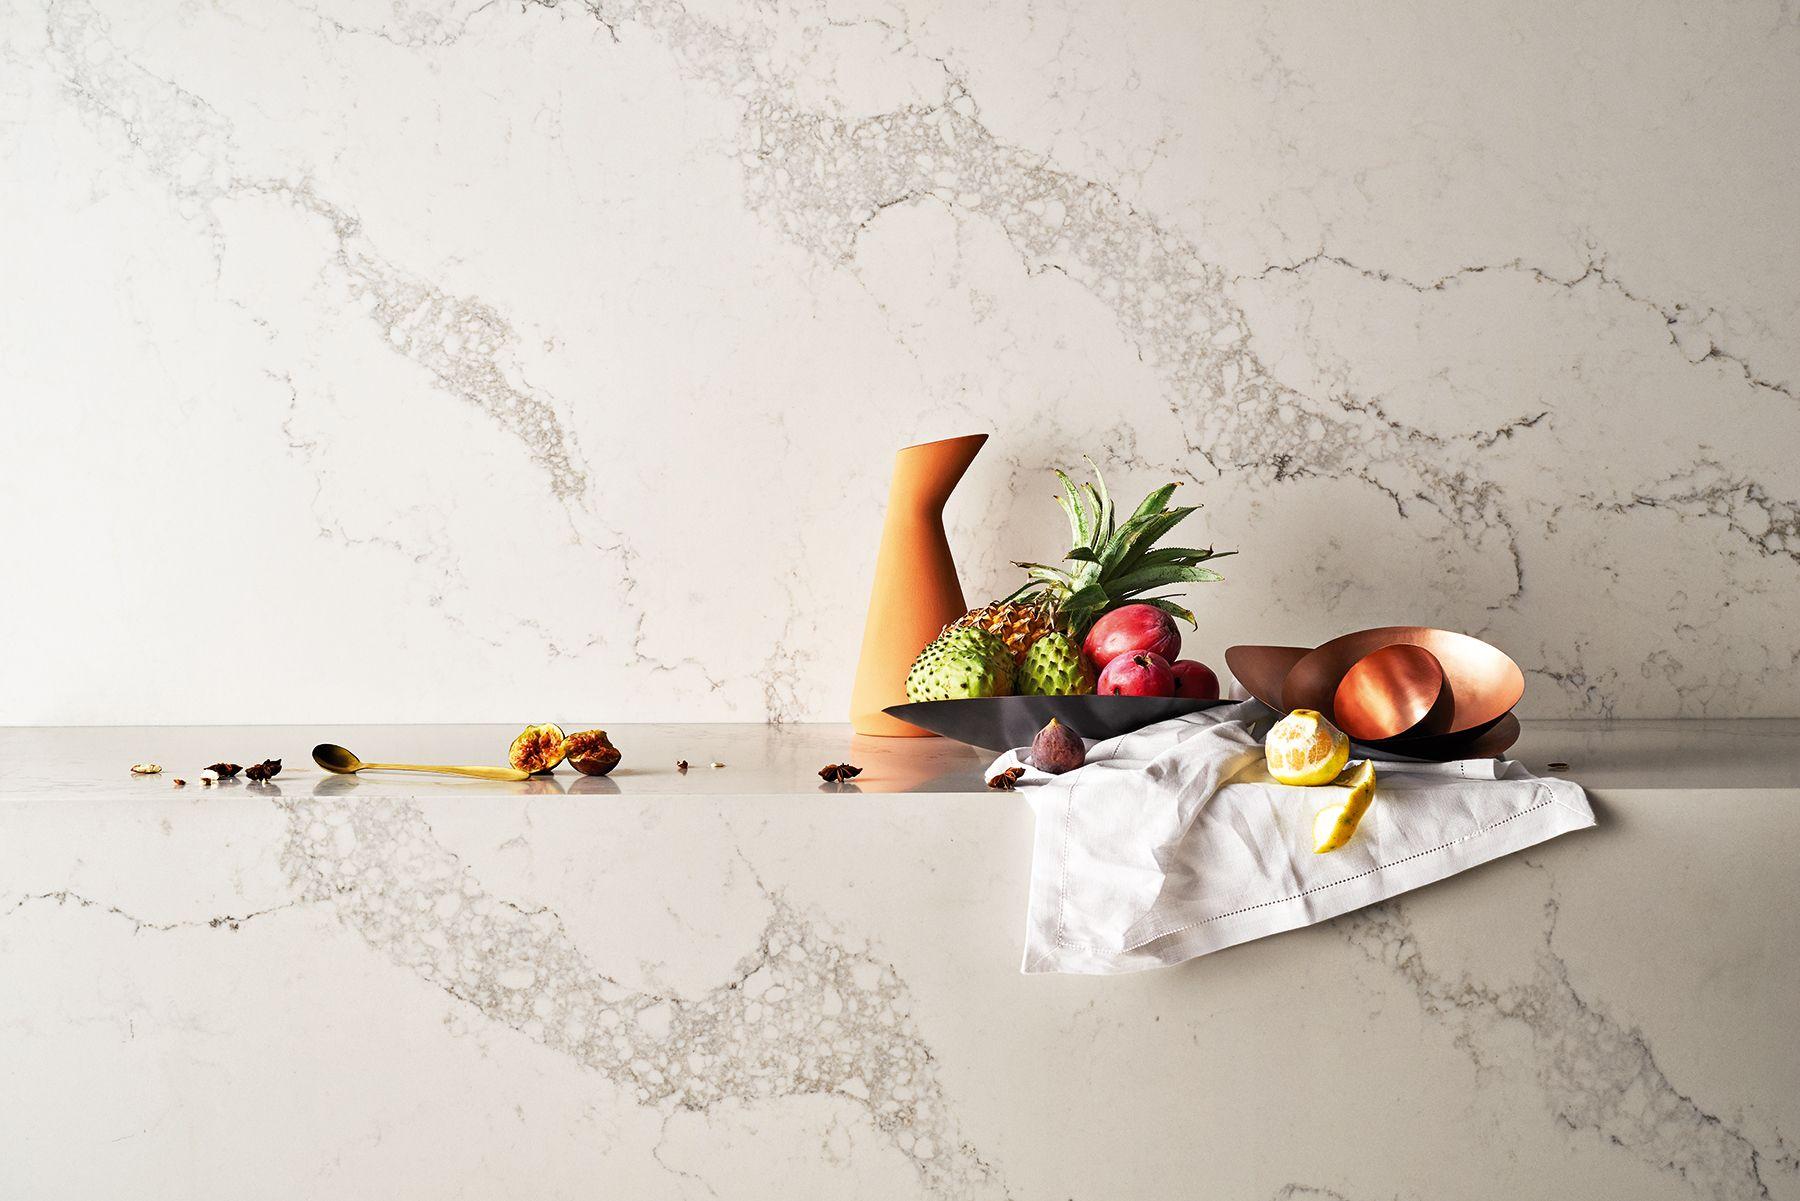 caesarstone introduces 8 marble inspired designs | warmherzig, Badezimmer ideen